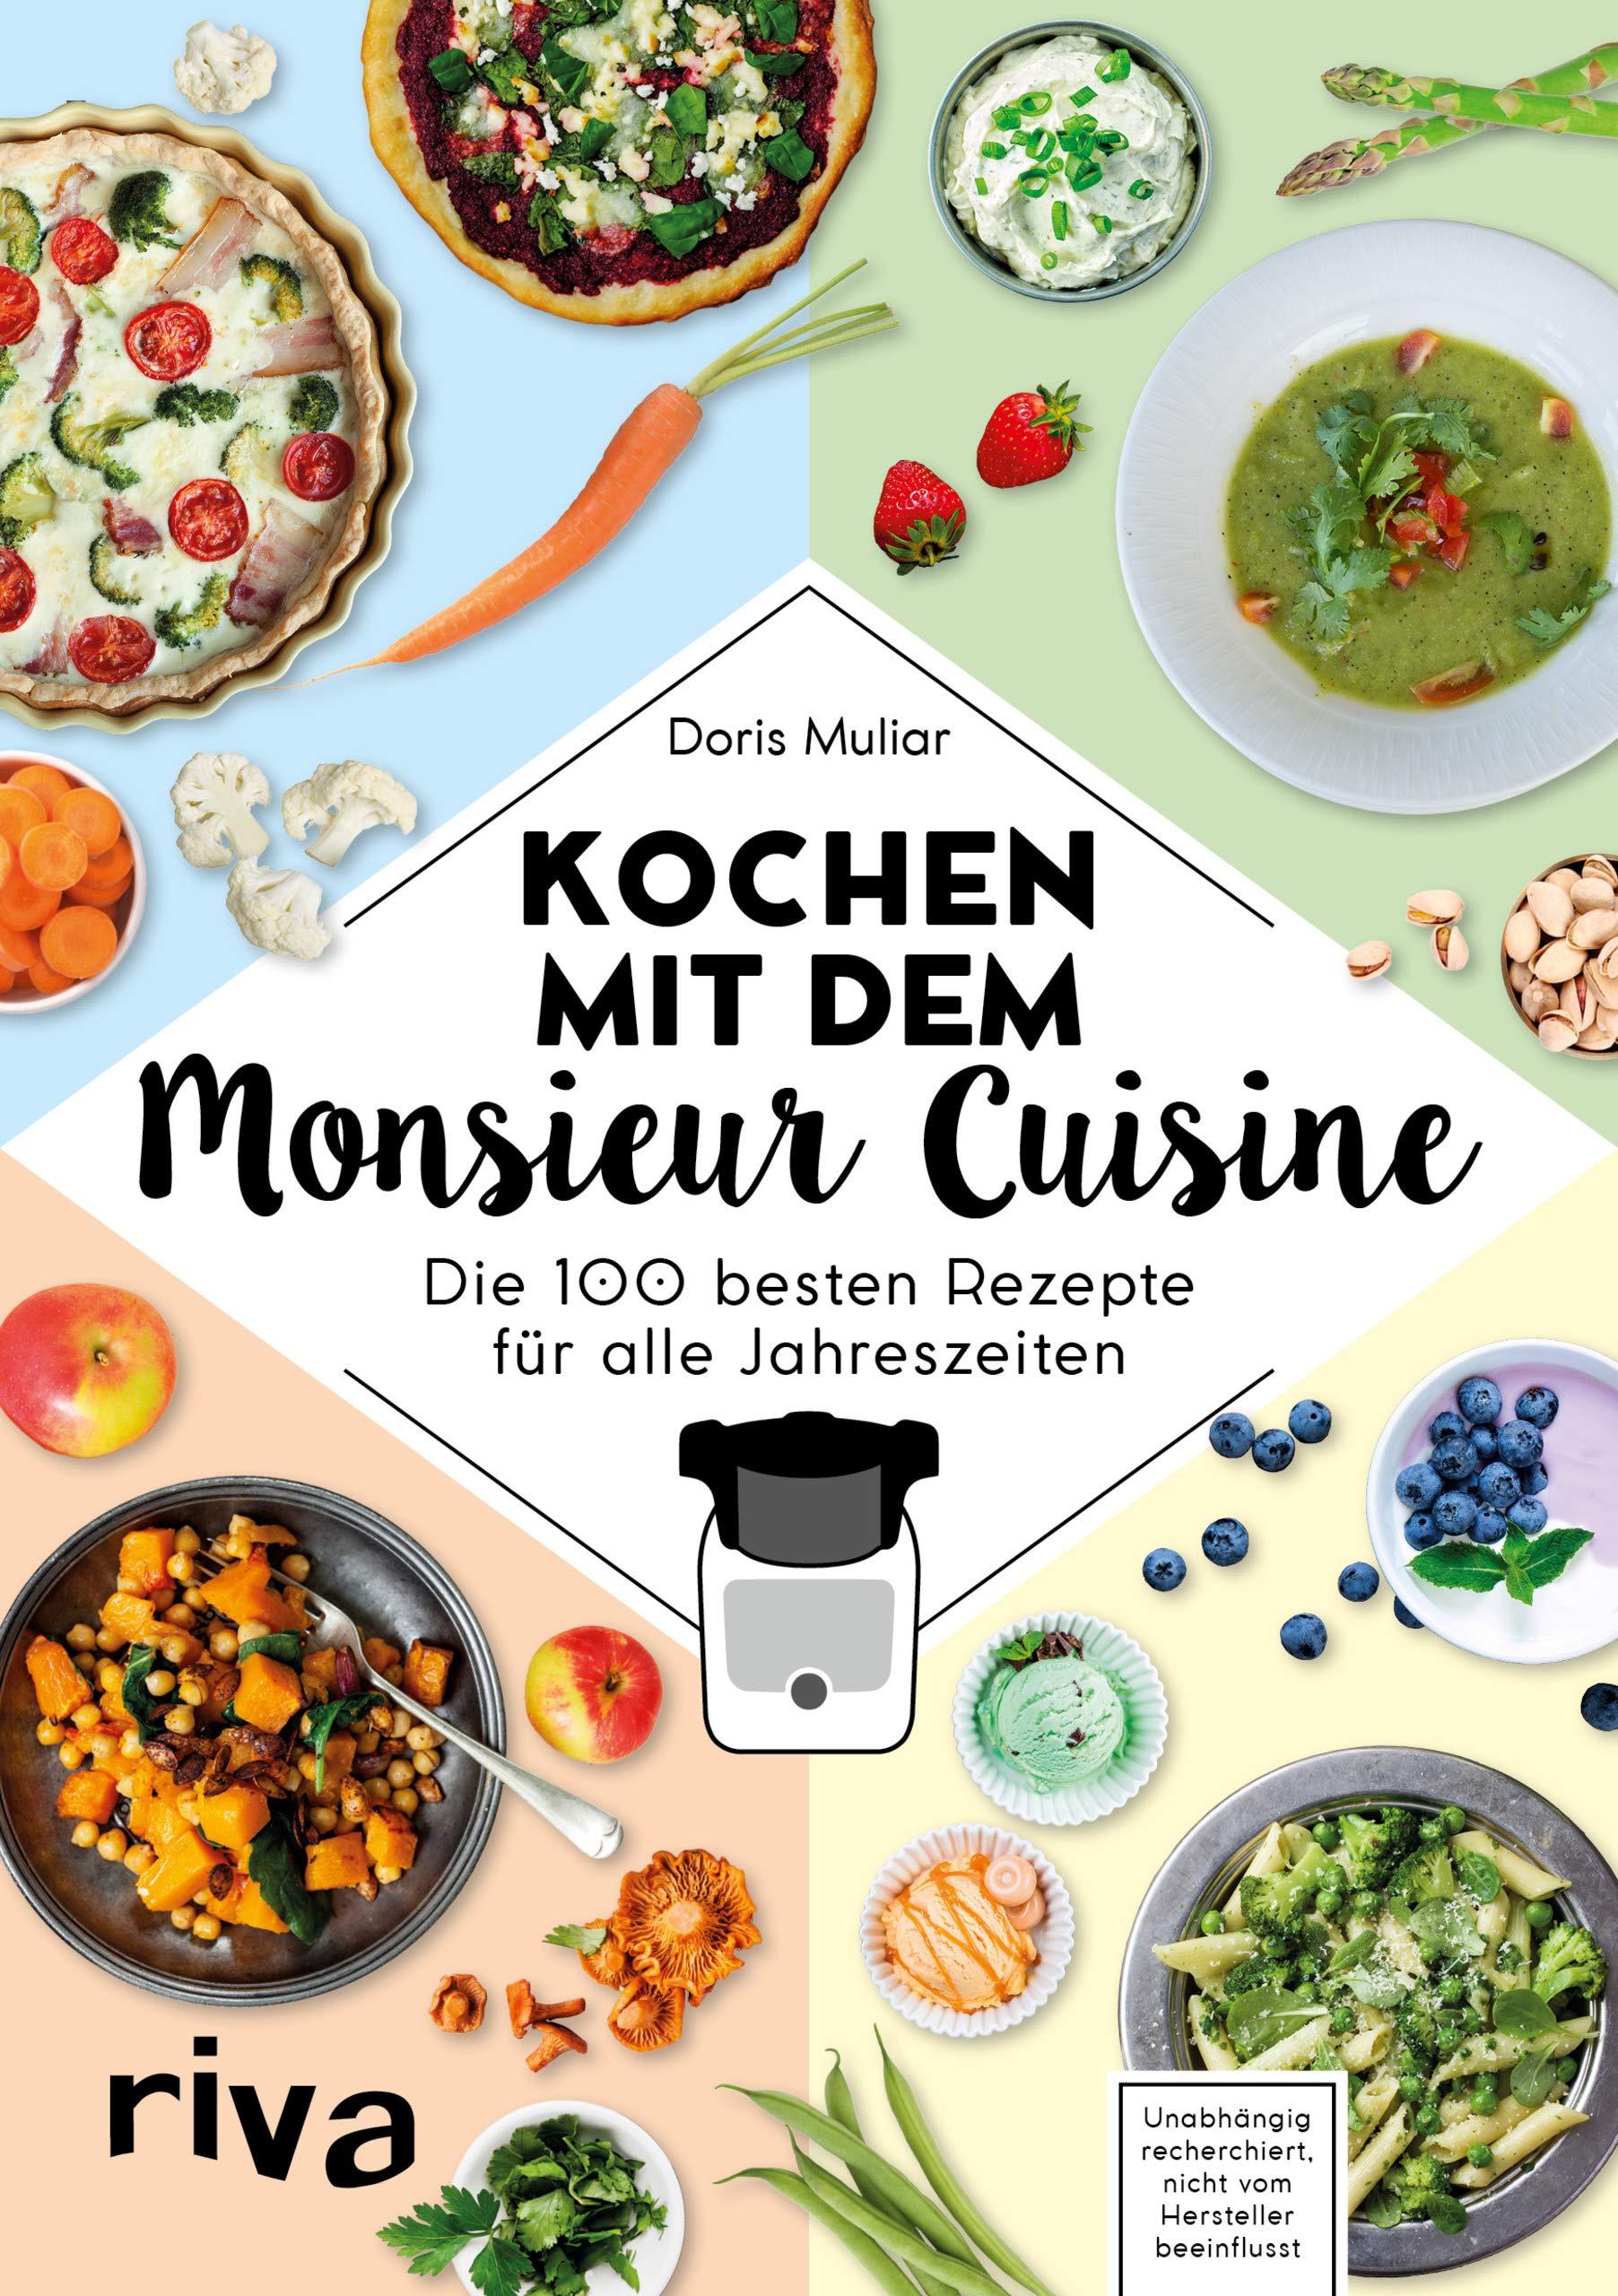 Kochen mit dem Monsieur Cuisine: Die 100 besten Rezepte für alle Jahreszeiten: Amazon.es: Muliar, Doris: Libros en idiomas extranjeros